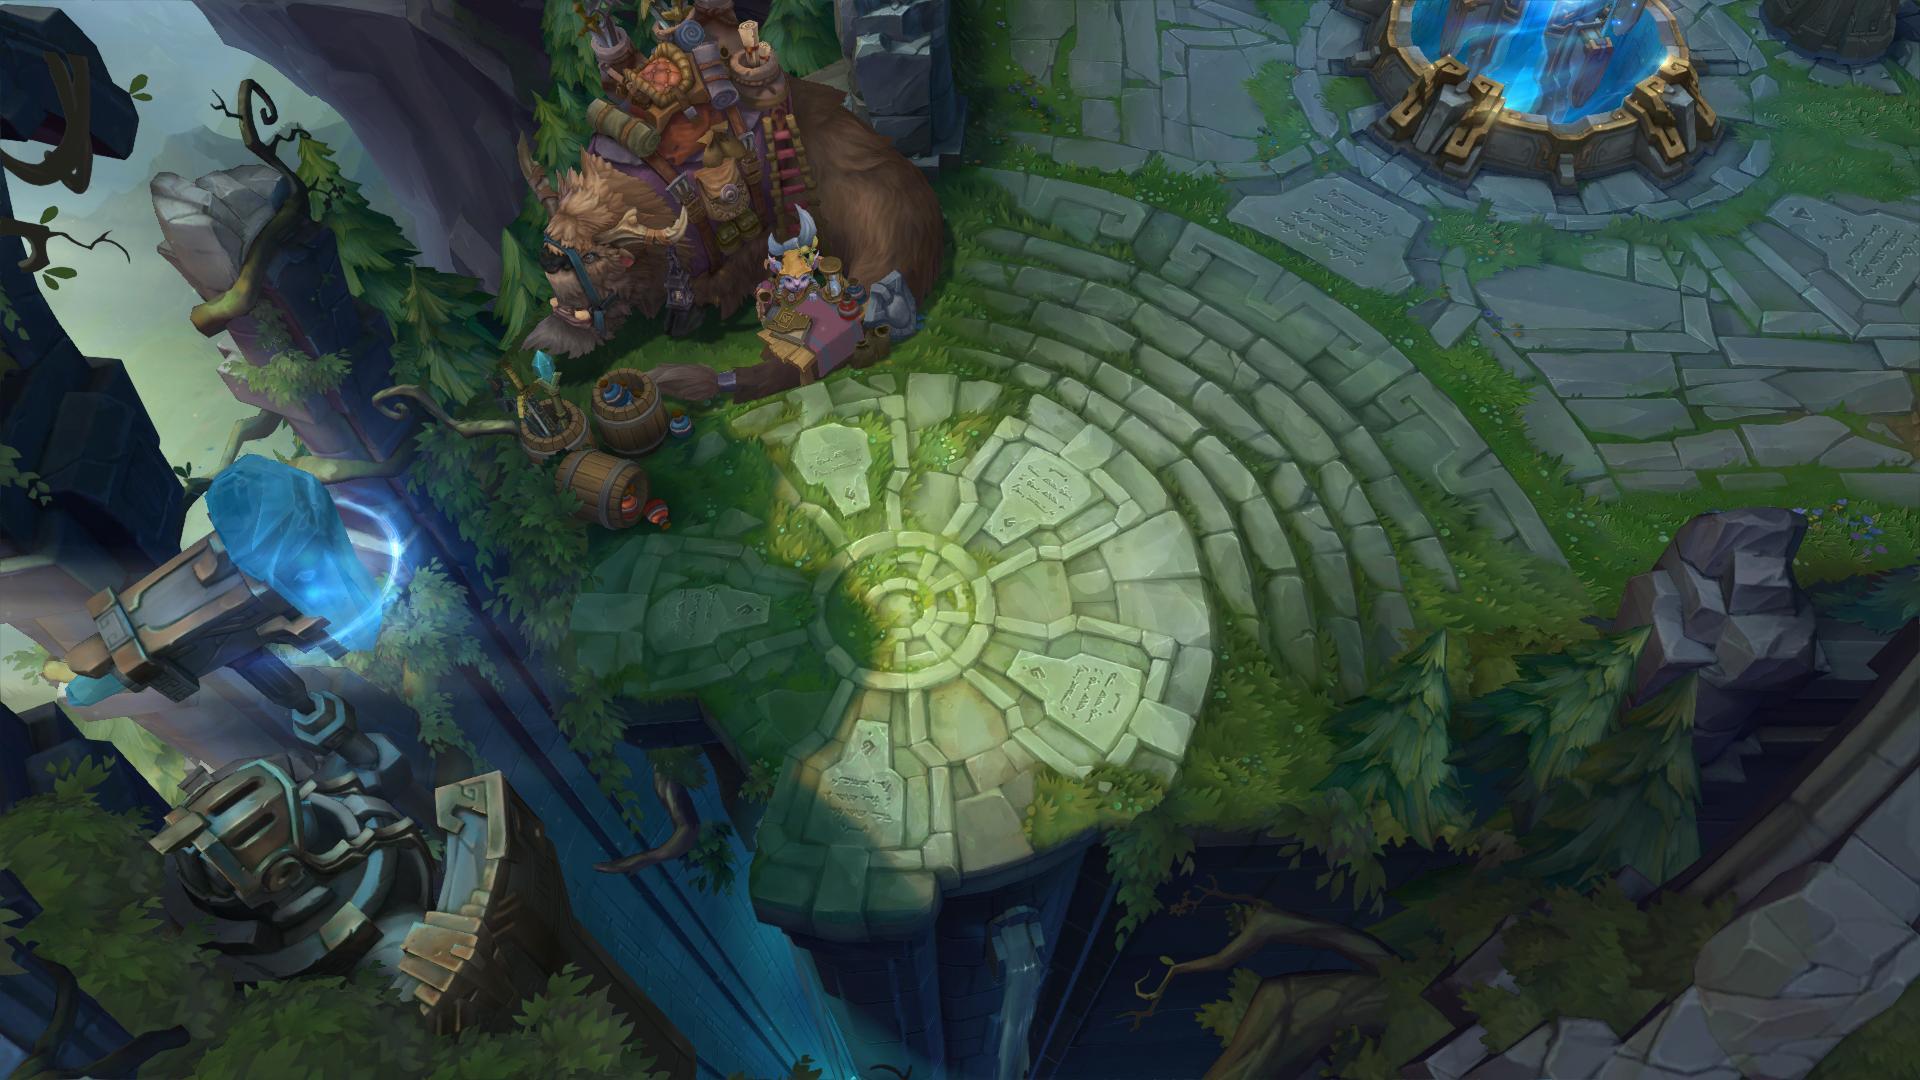 summoner's rift  league of legends - the battle for the rift the largest map in league of legends